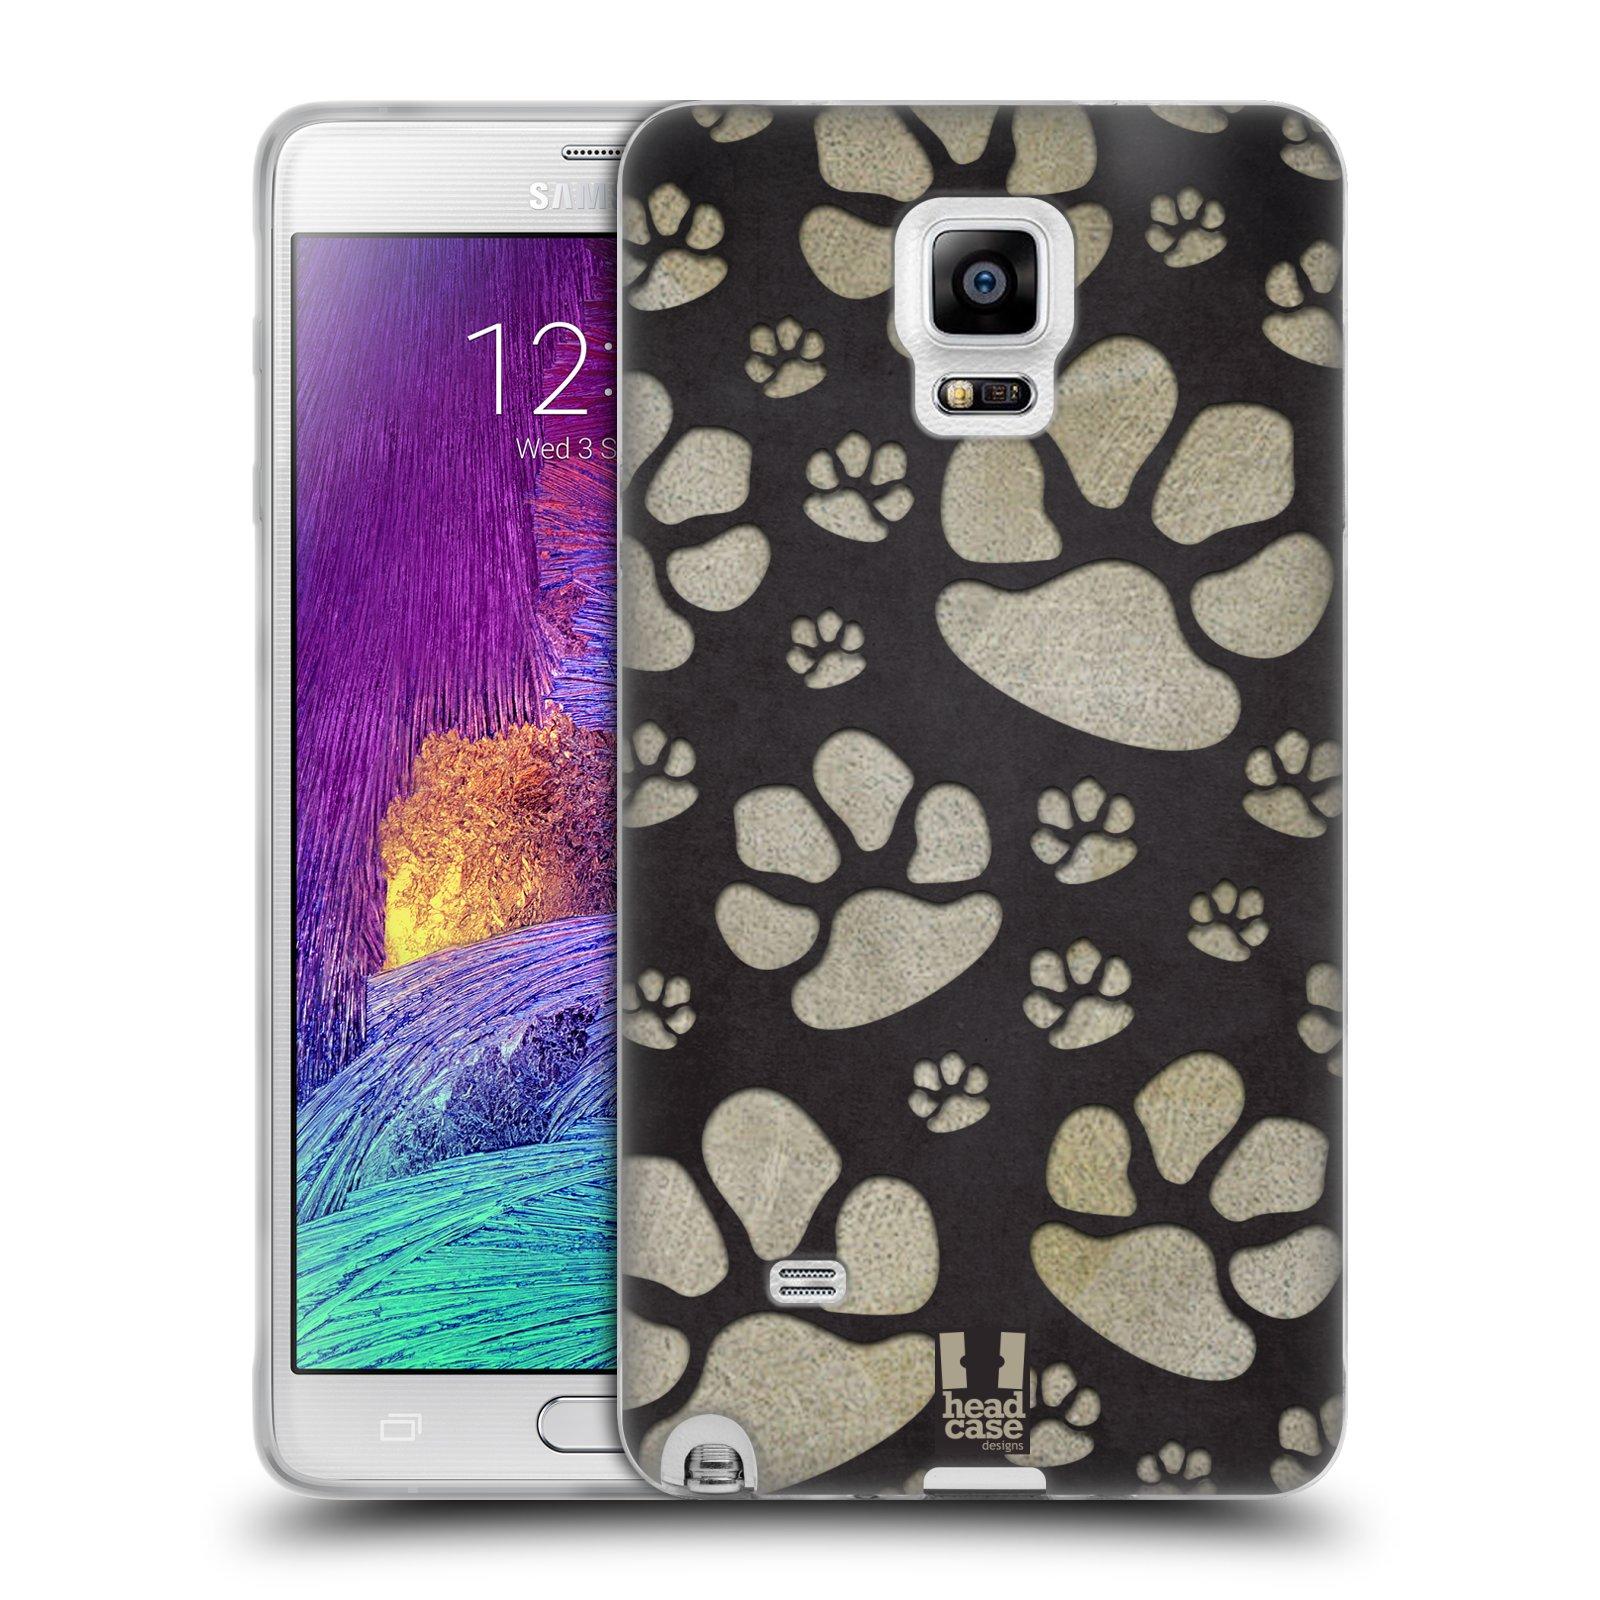 Silikonové pouzdro na mobil Samsung Galaxy Note 4 HEAD CASE TLAPKY ŠEDÉ (Silikonový kryt či obal na mobilní telefon Samsung Galaxy Note 4 SM-N910F)